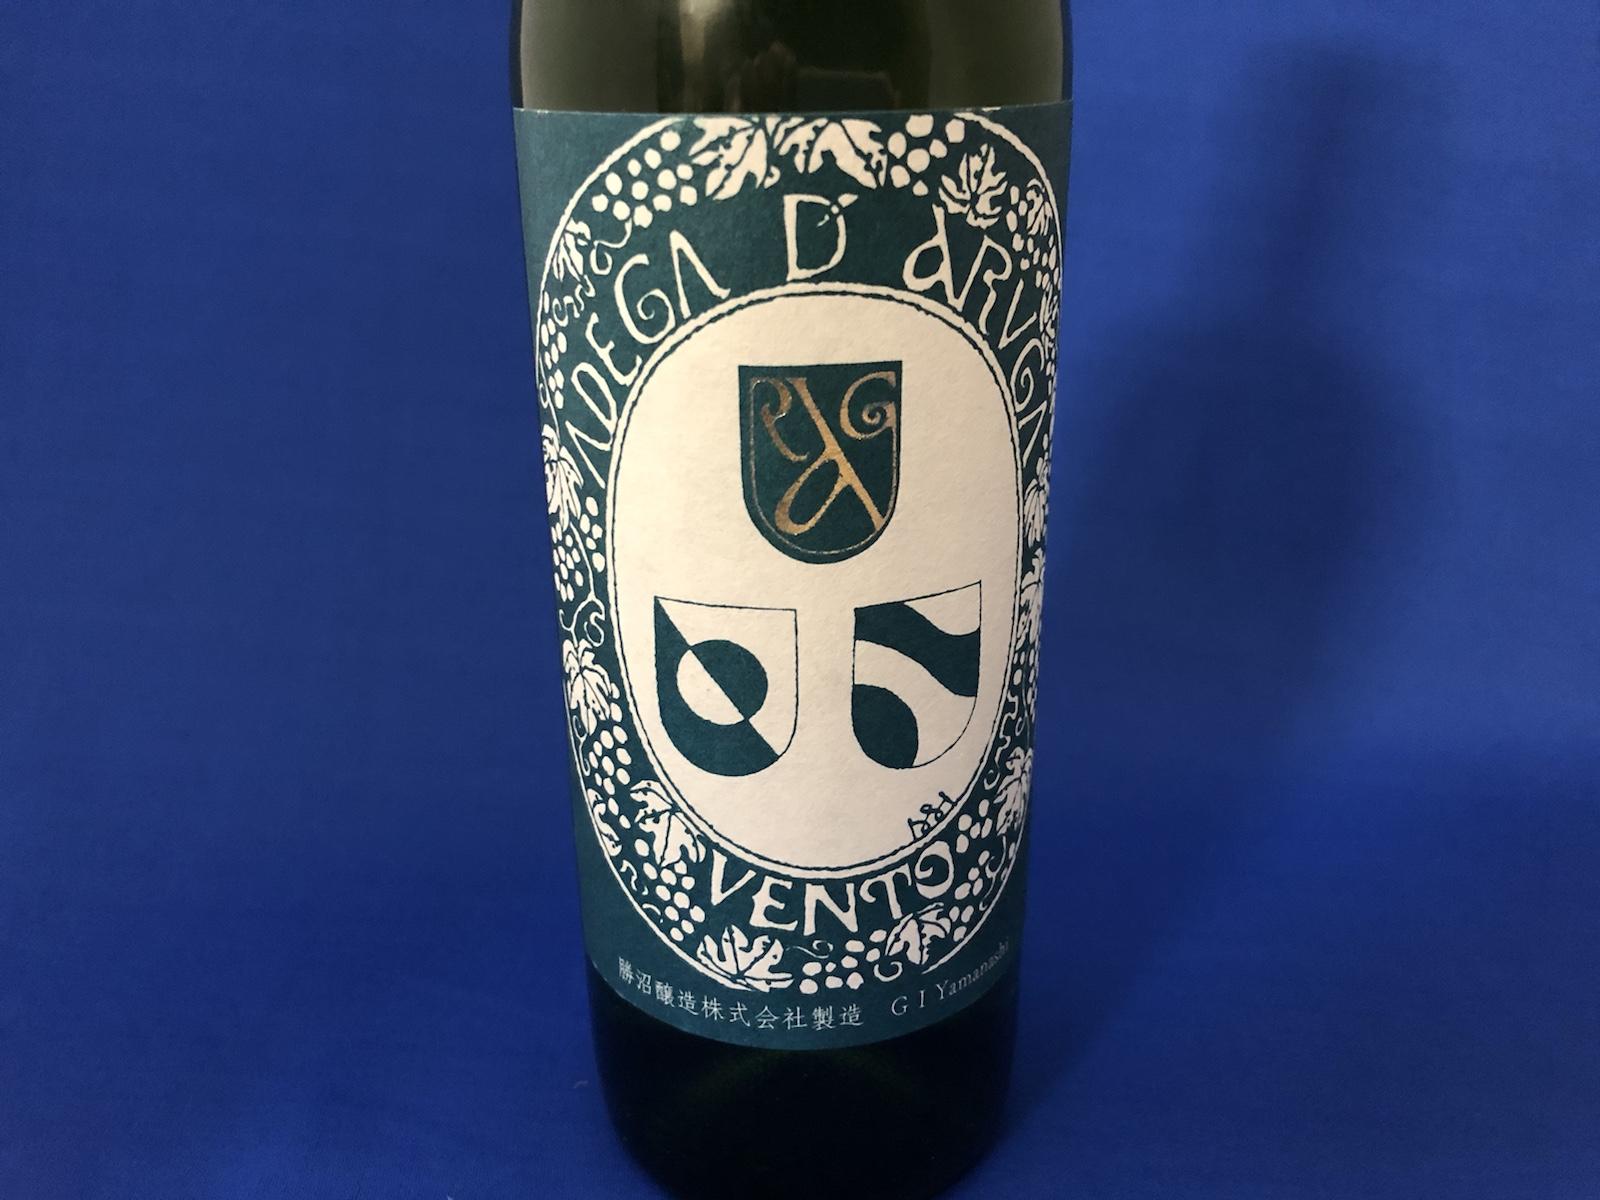 世界に誇る甲州ワイン!勝沼醸造「アルガーノ ヴェント」